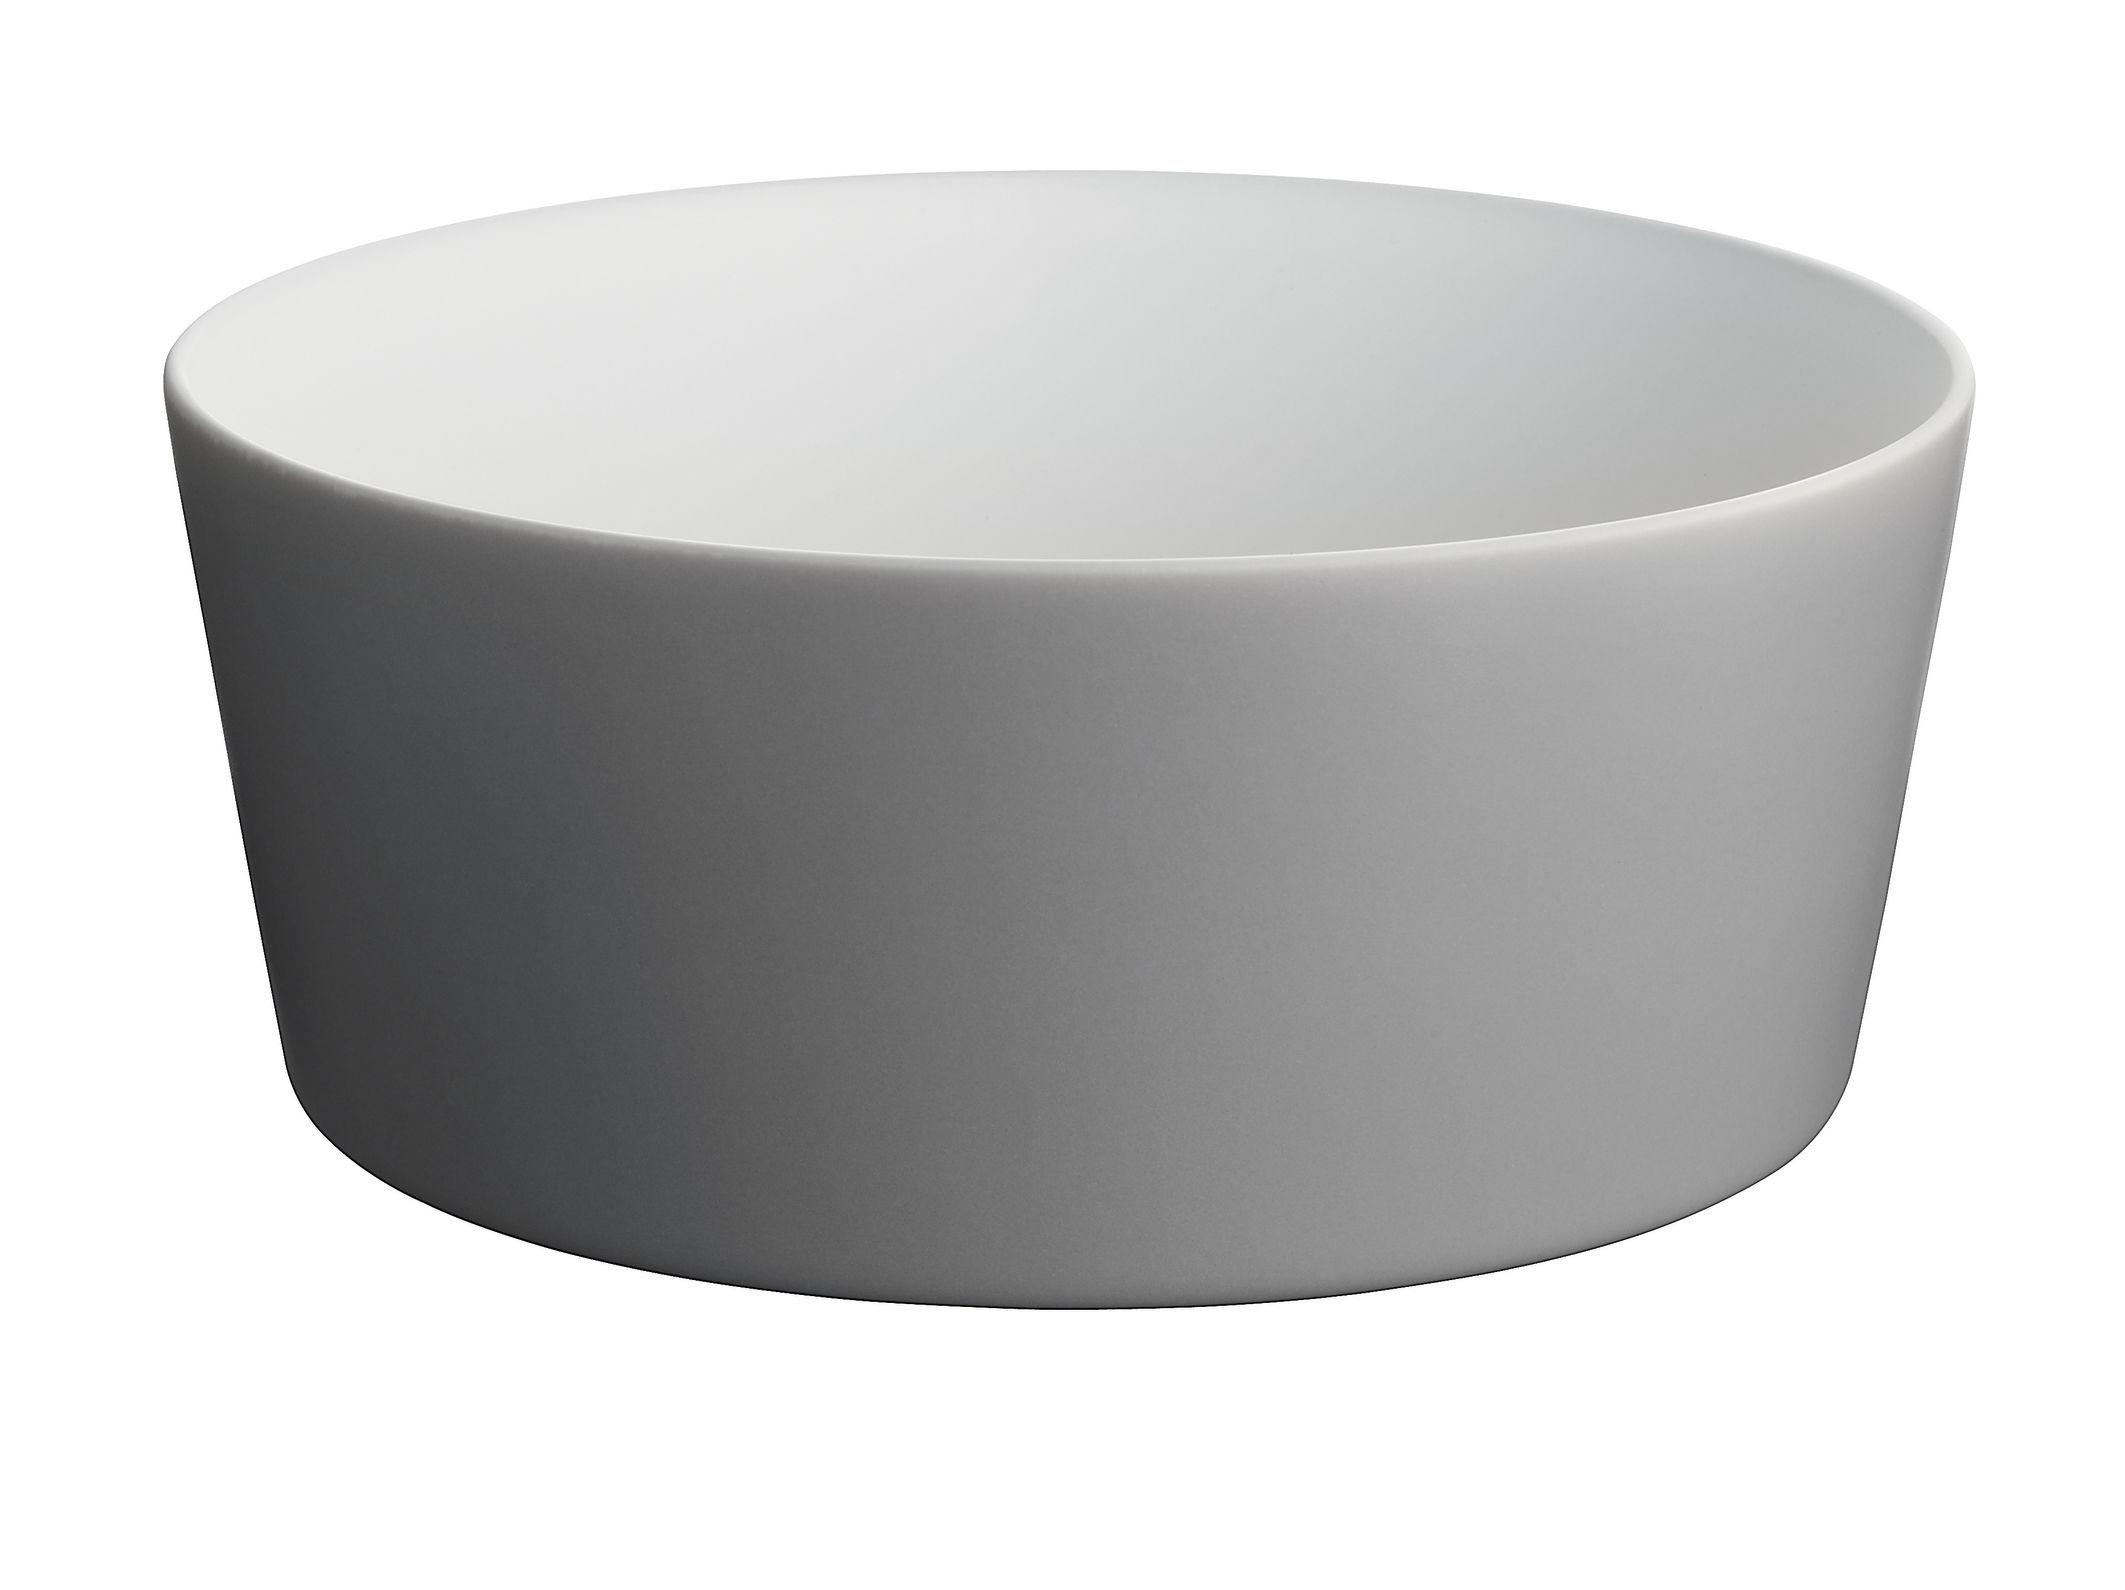 Tavola - Ciotole - Insalatiera Tonale di Alessi - Grigio scuro/interno bianco - Ceramica stoneware